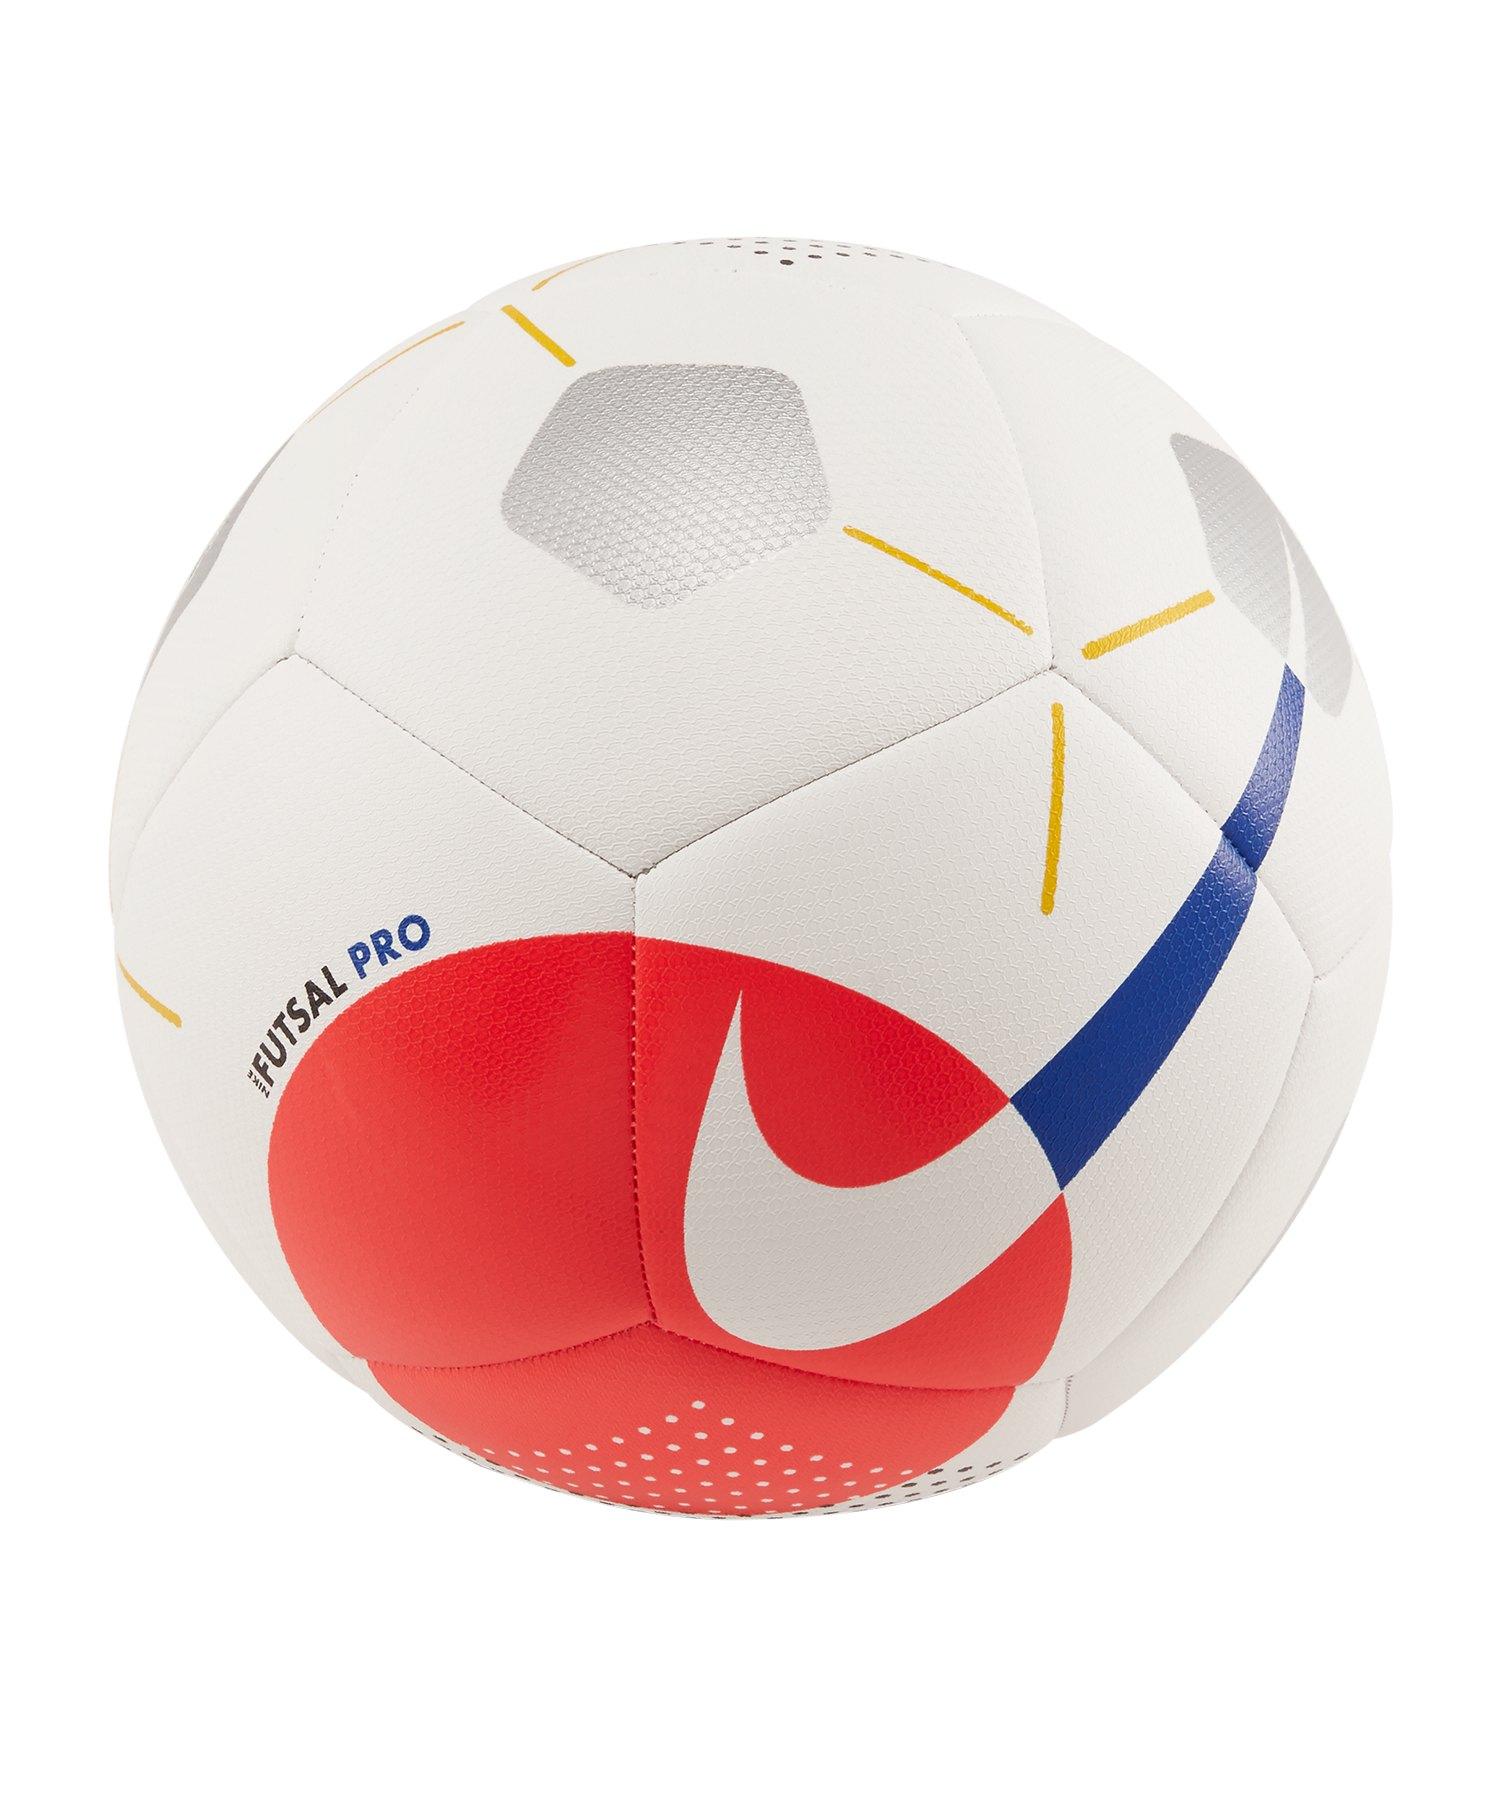 Nike Pro Futsalball Weiss Rot F100 - weiss